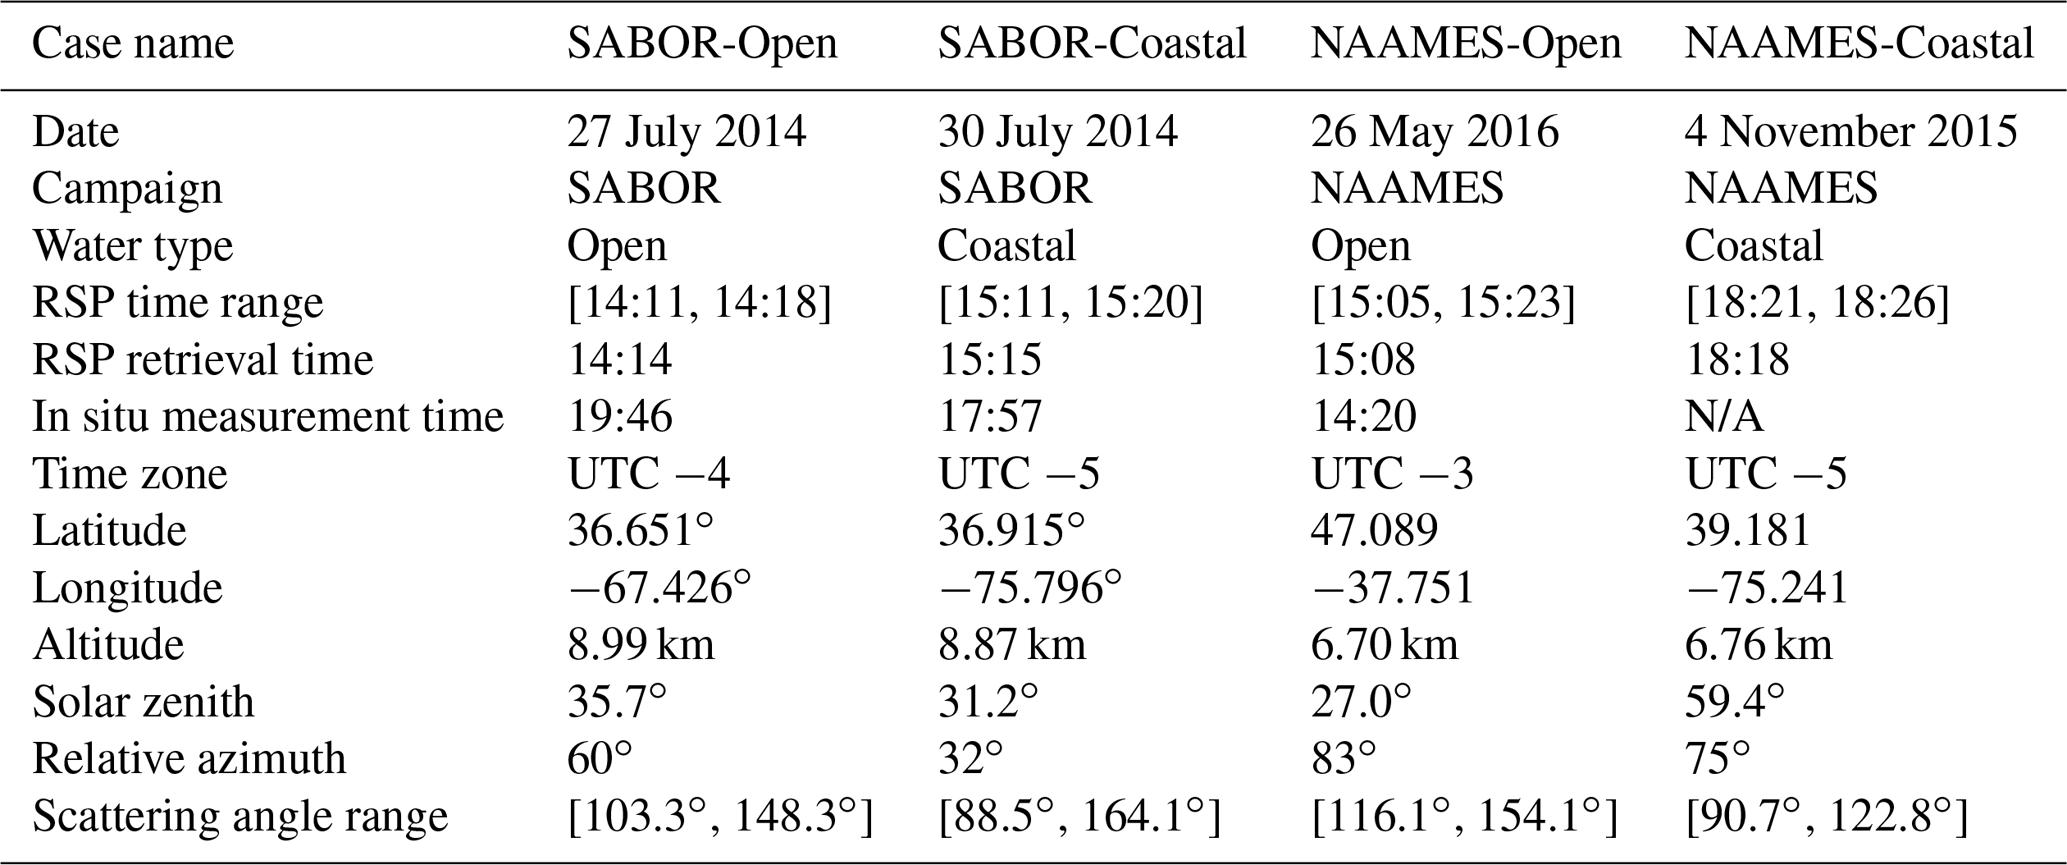 AMT - Inversion of multiangular polarimetric measurements